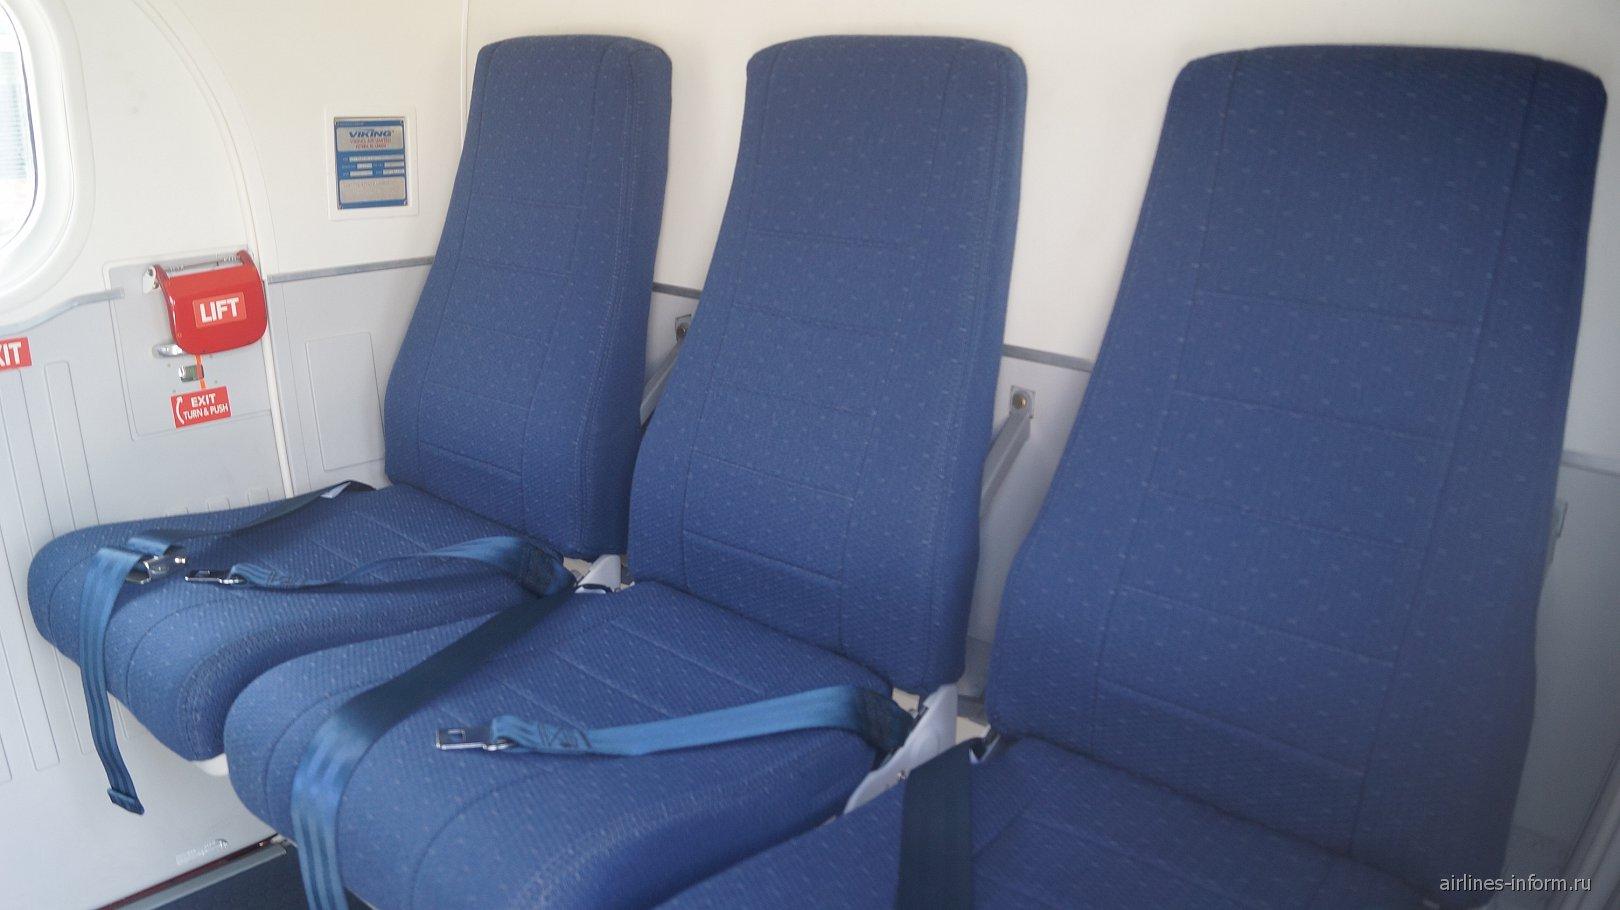 Пассажирские кресла в самолете DHC-6 авиакомпании Air Seychelles